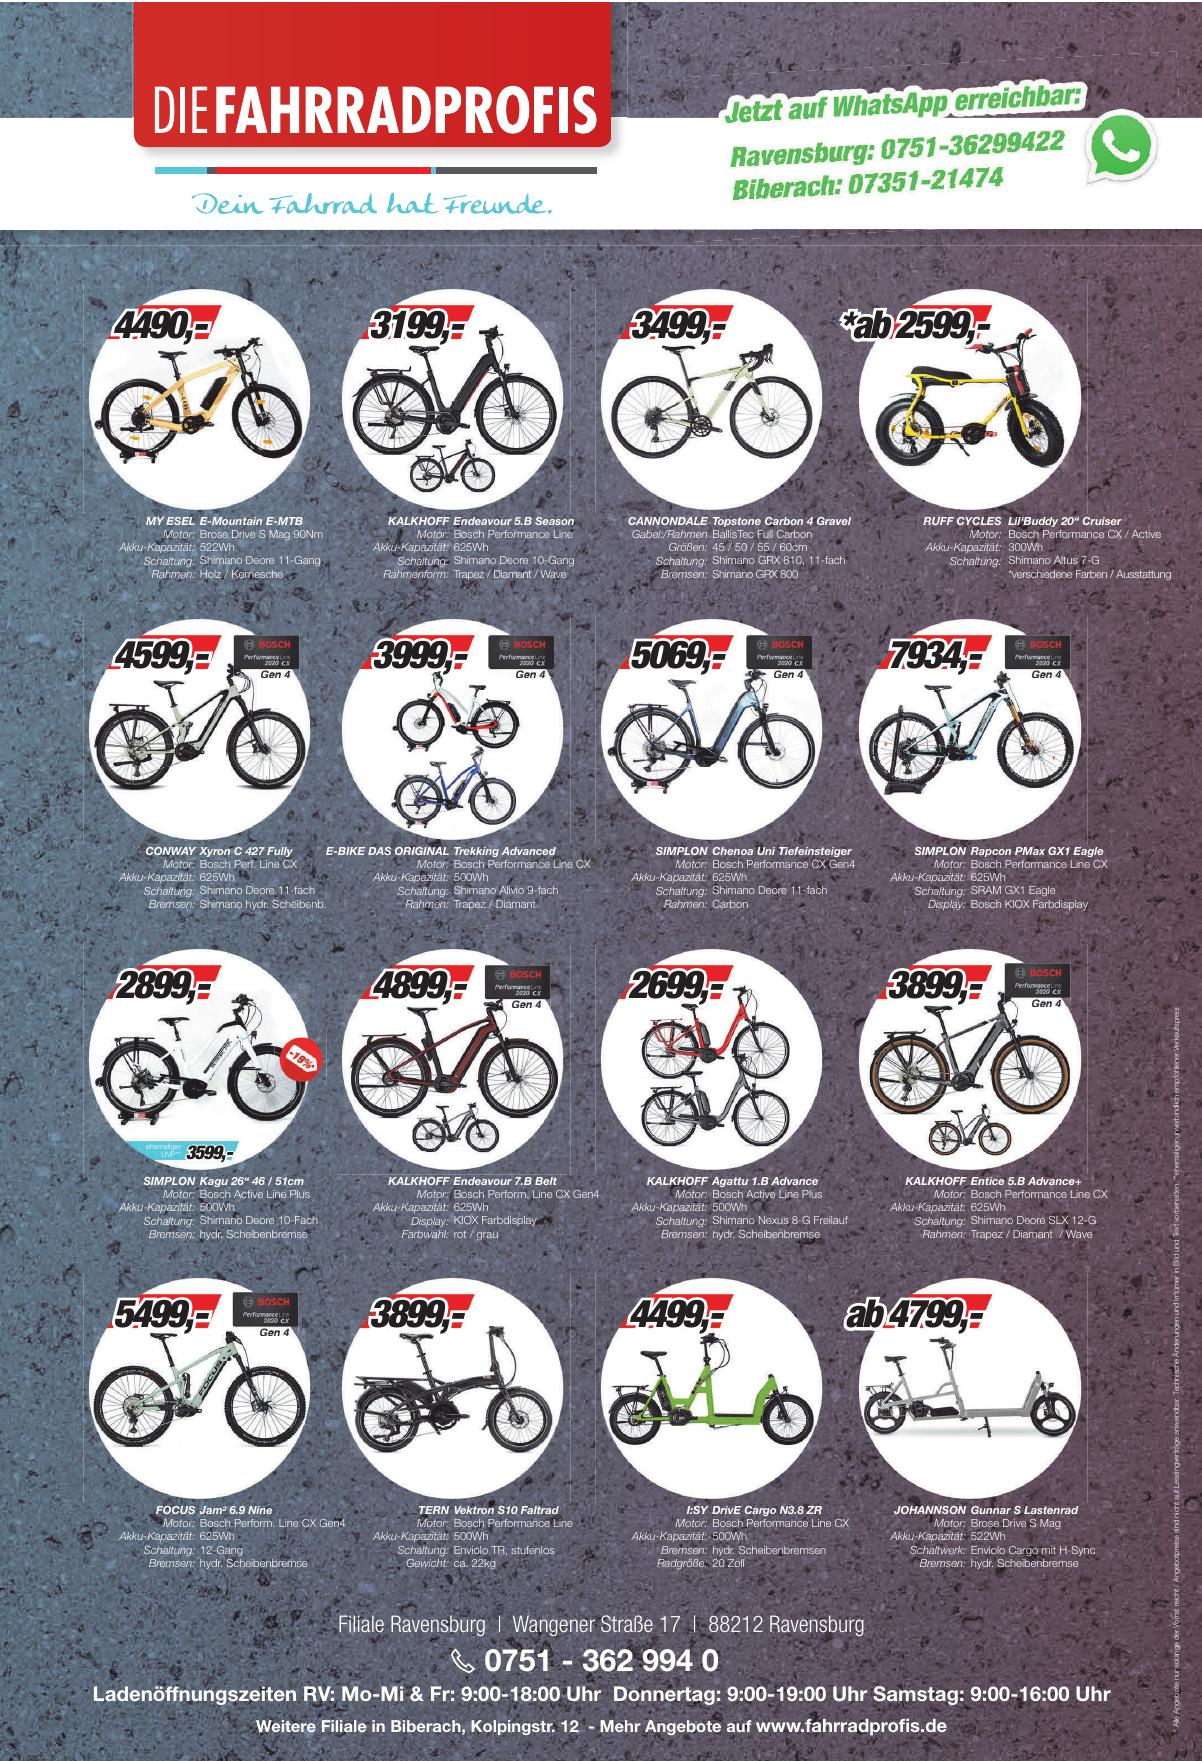 Die Fahrradprofis